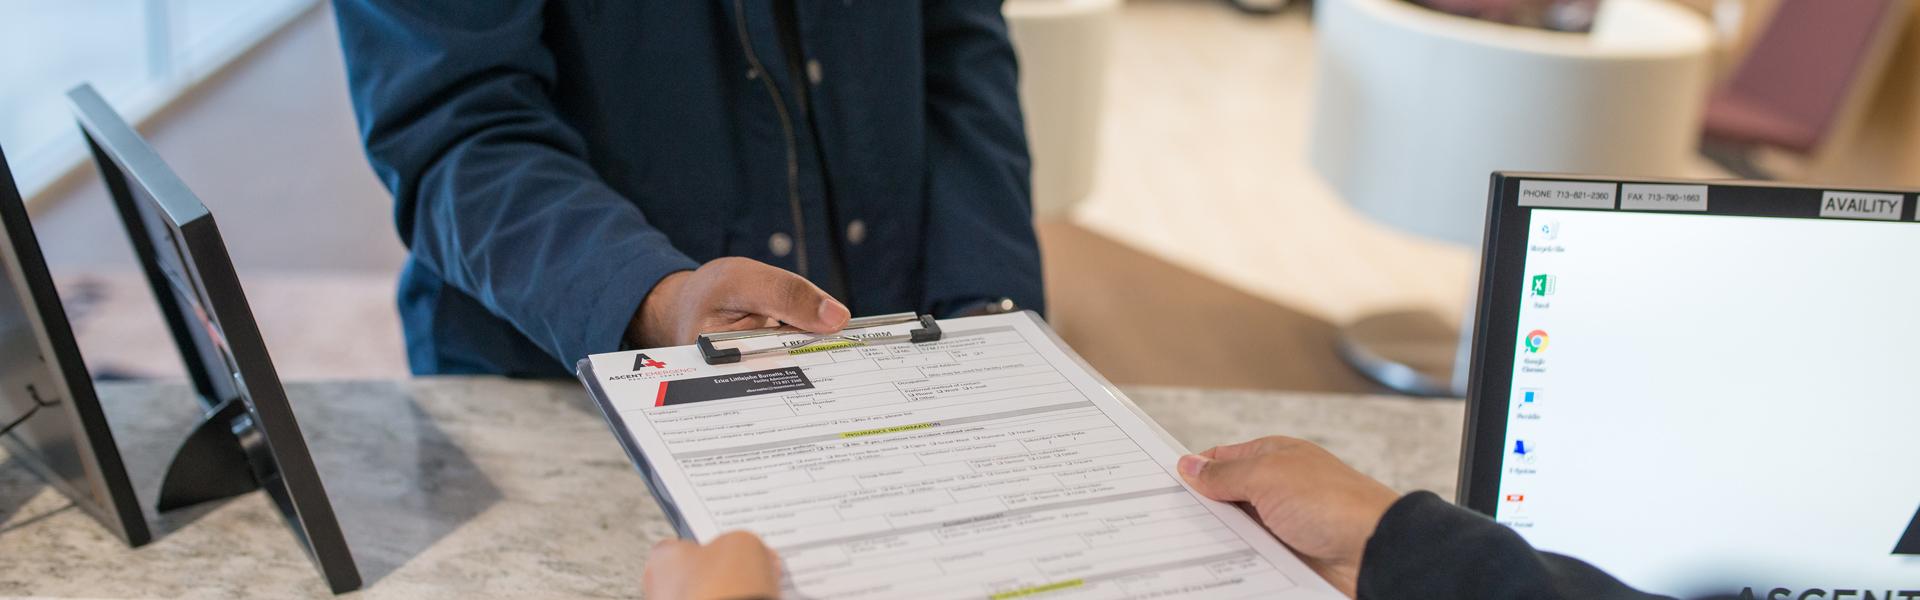 paperwork for patient